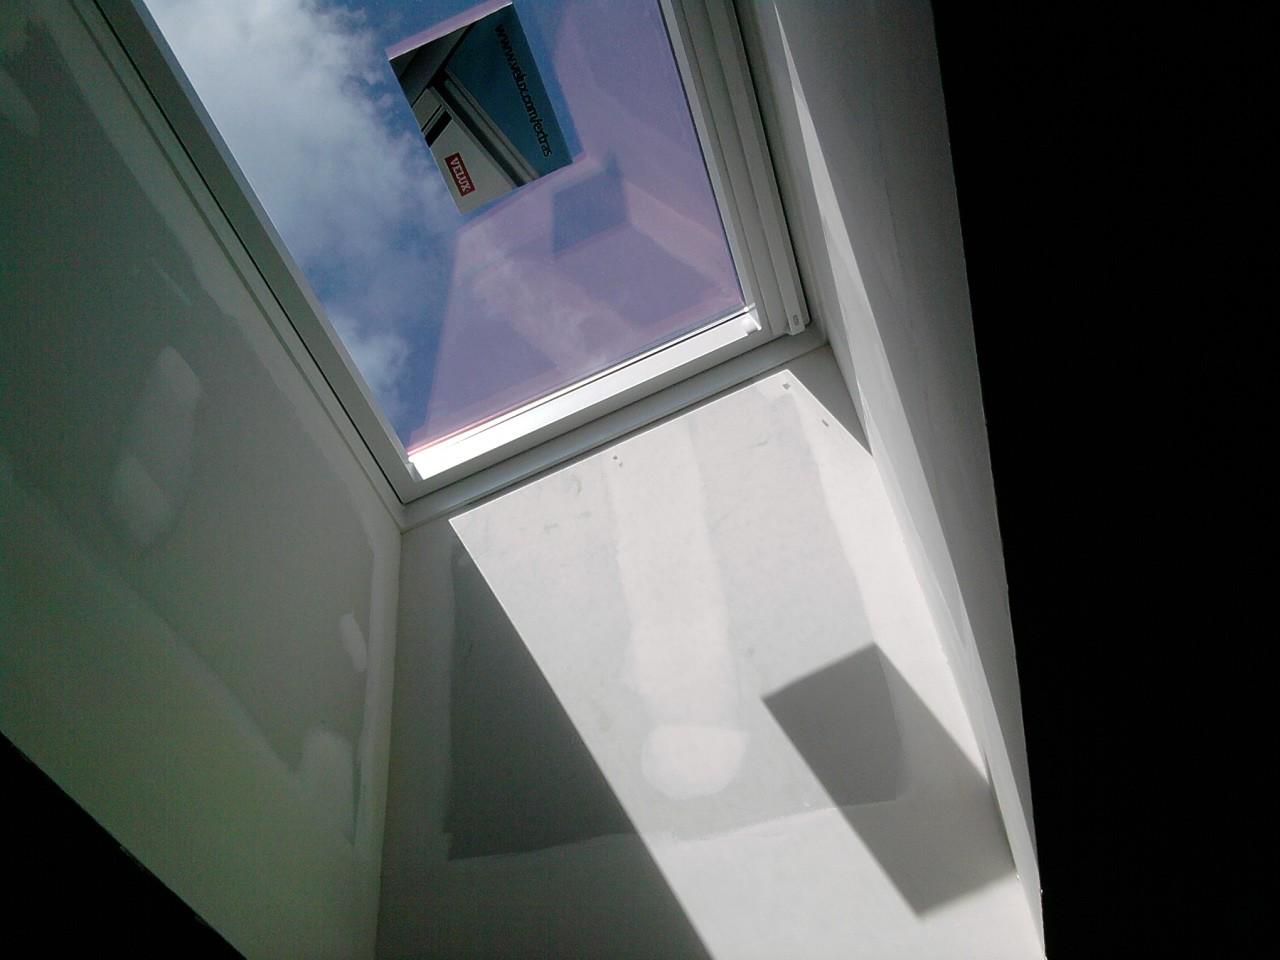 Entreprise rge posant des velux fma menuiserie 79120 lezay for Type de fenetre de toit